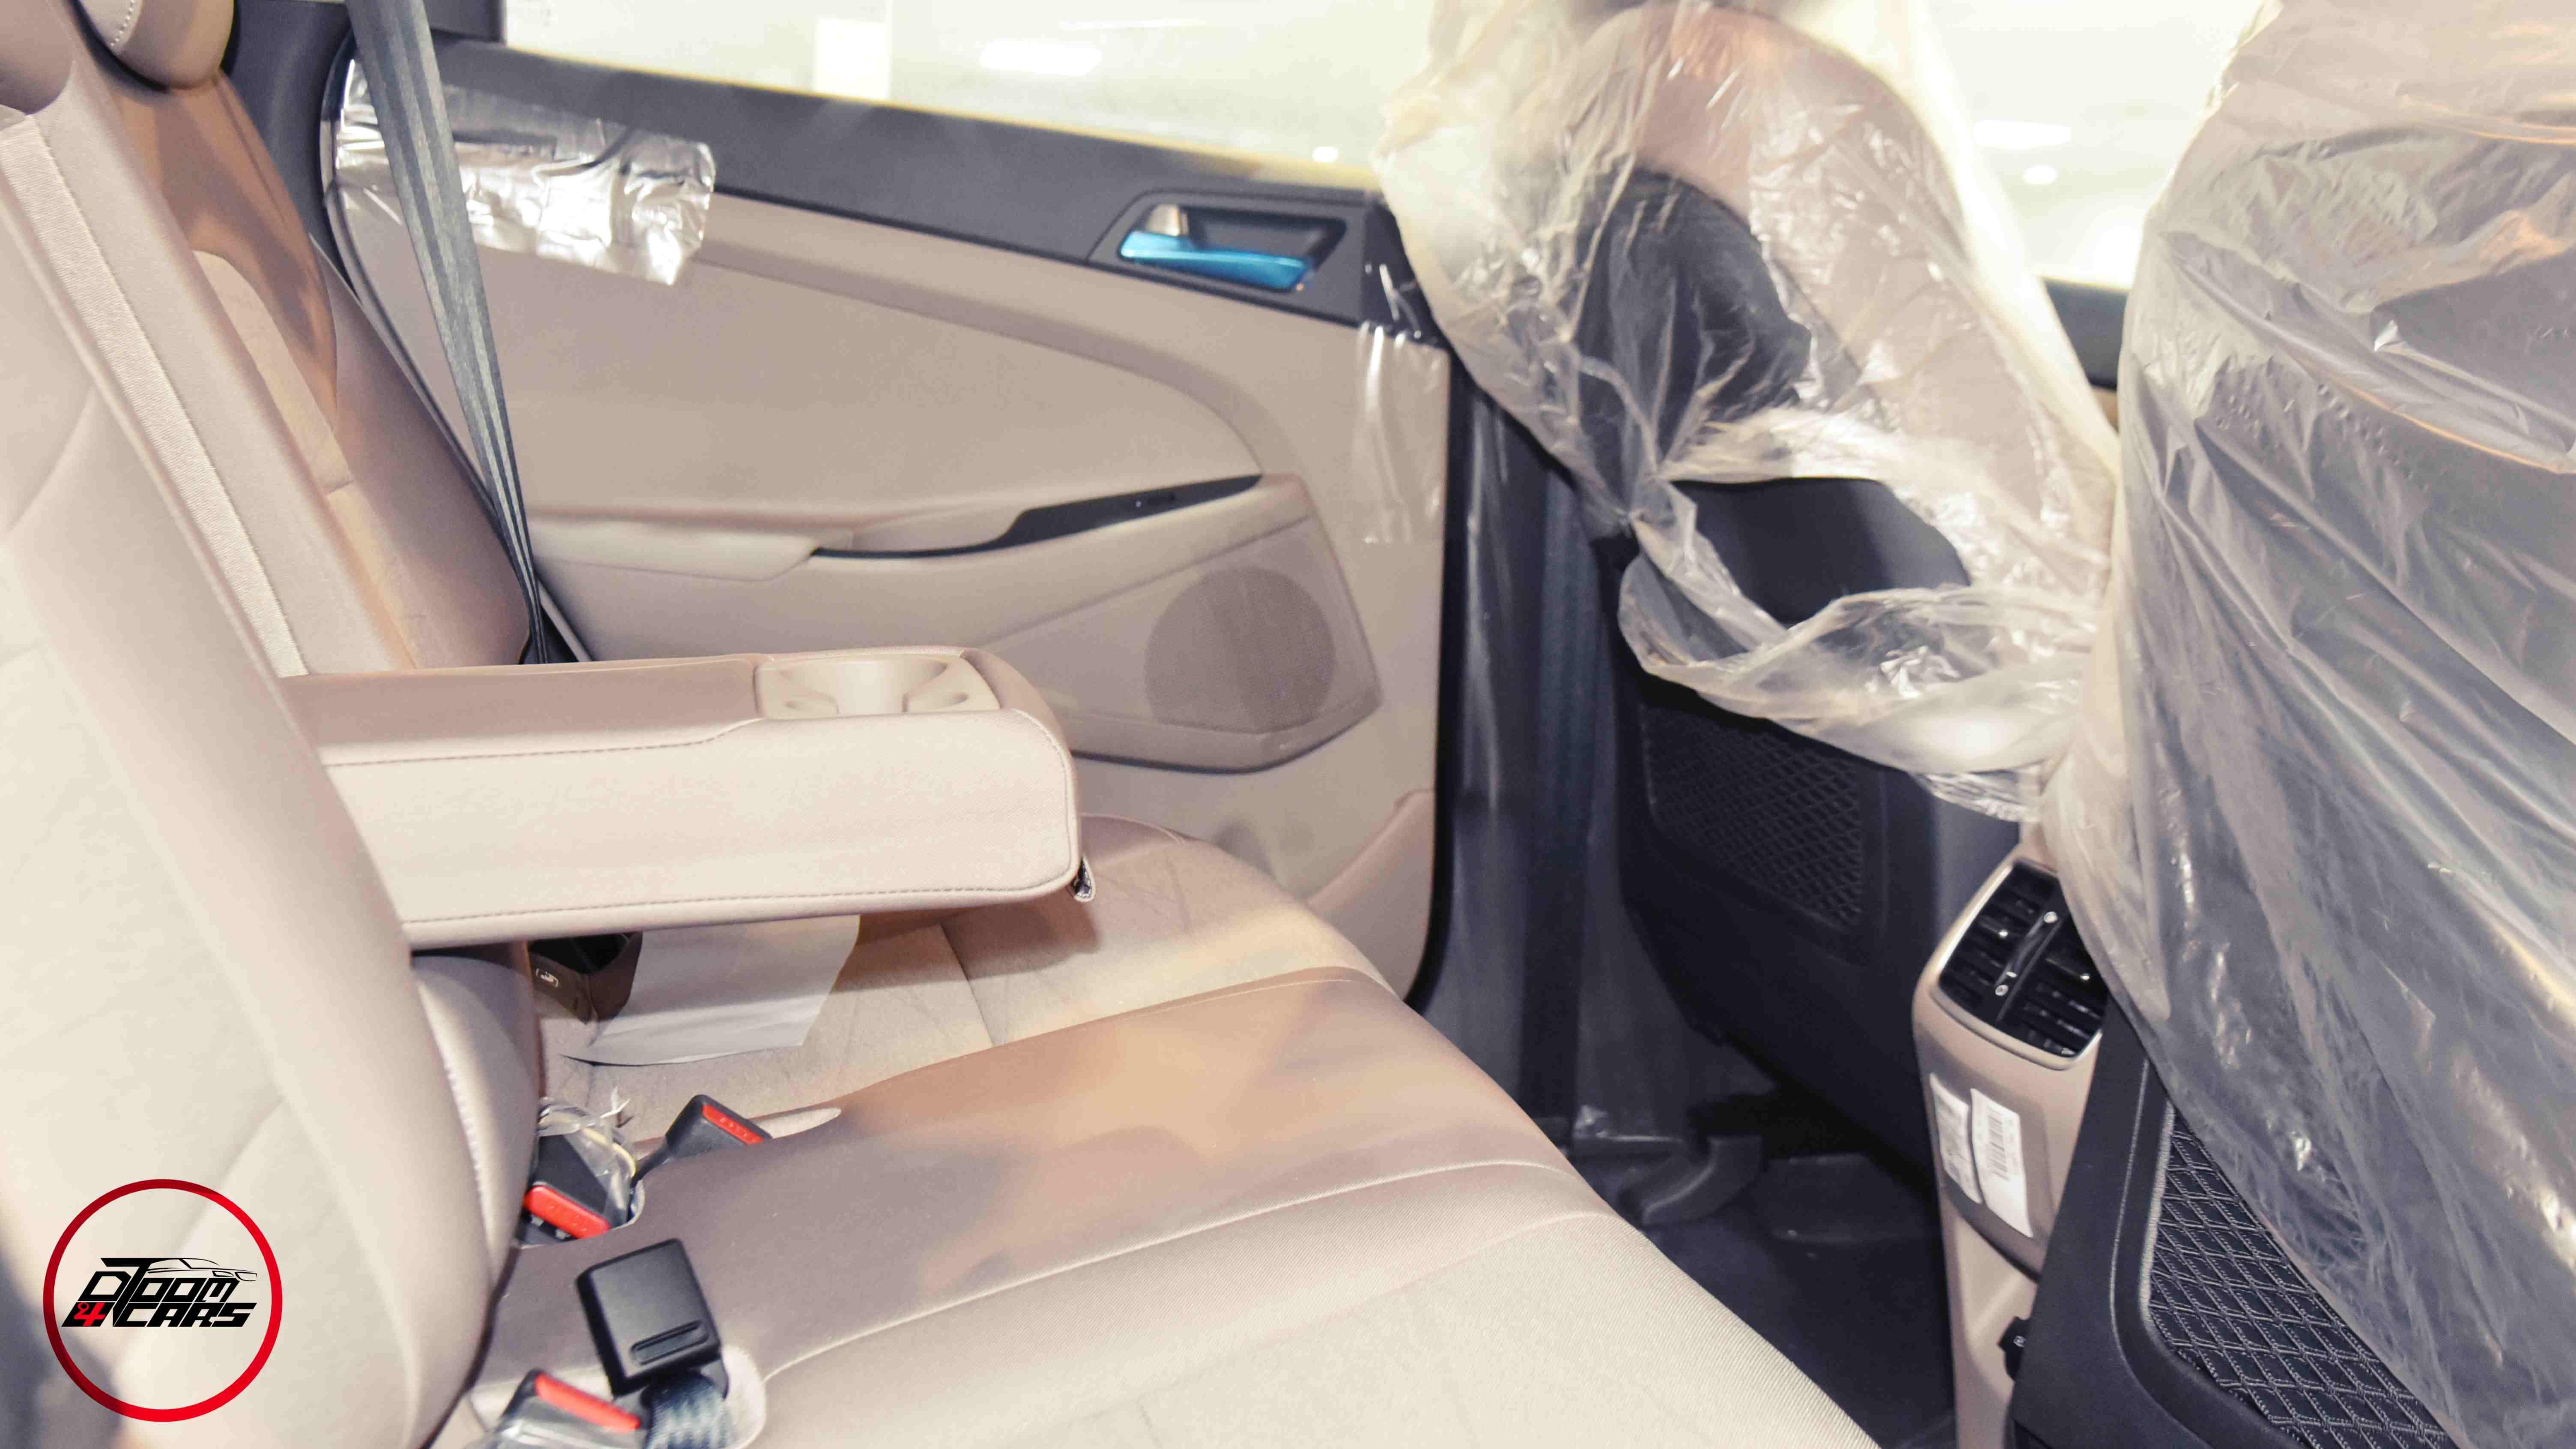 هونداي توسان 2021 ستاندر 2.0 سيسي سعودي جديد للبيع في الرياض - السعودية - صورة كبيرة - 5